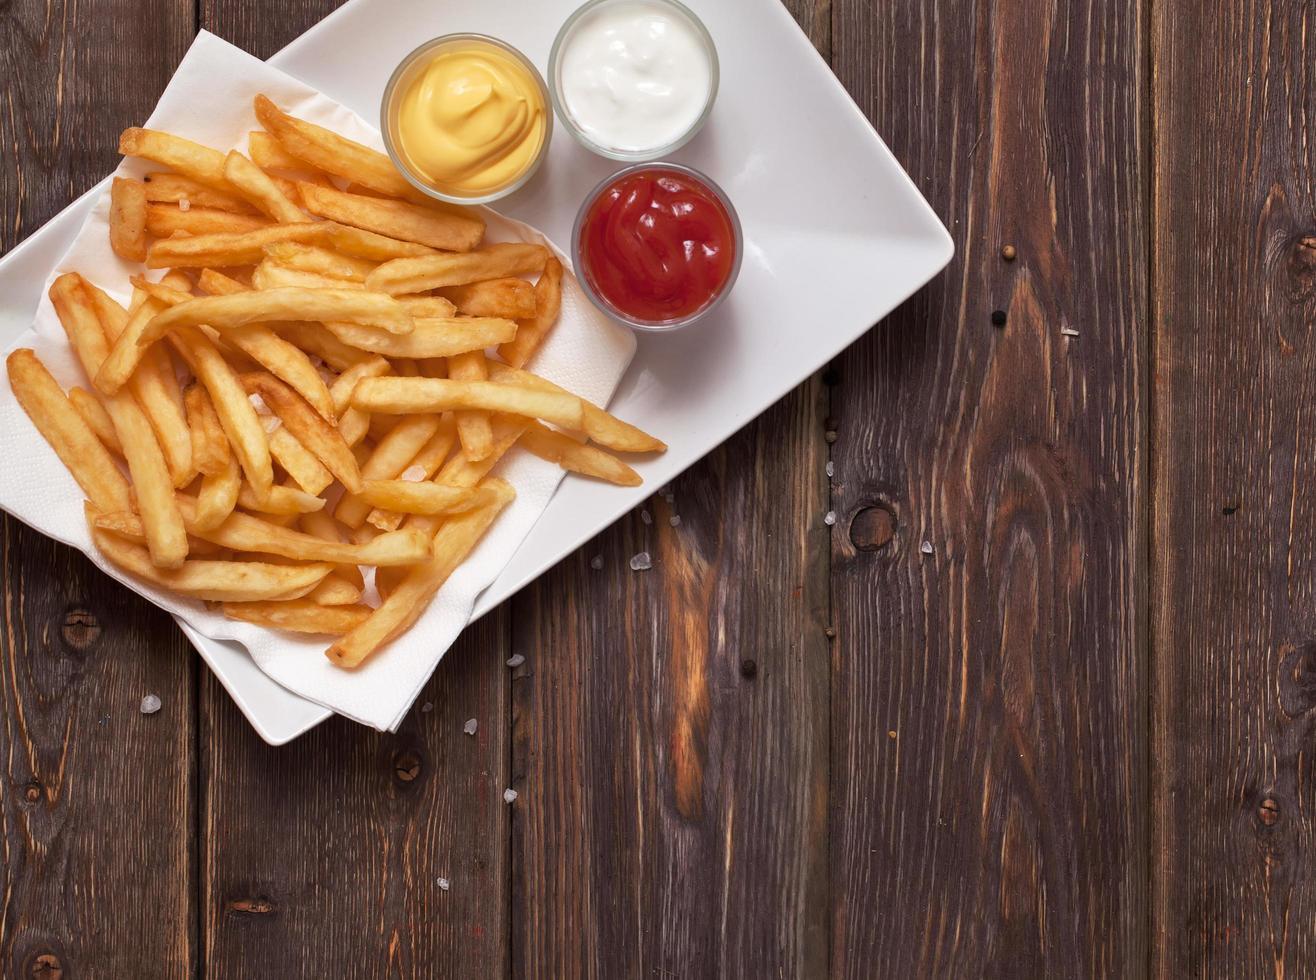 patatine fritte su tavola di legno foto